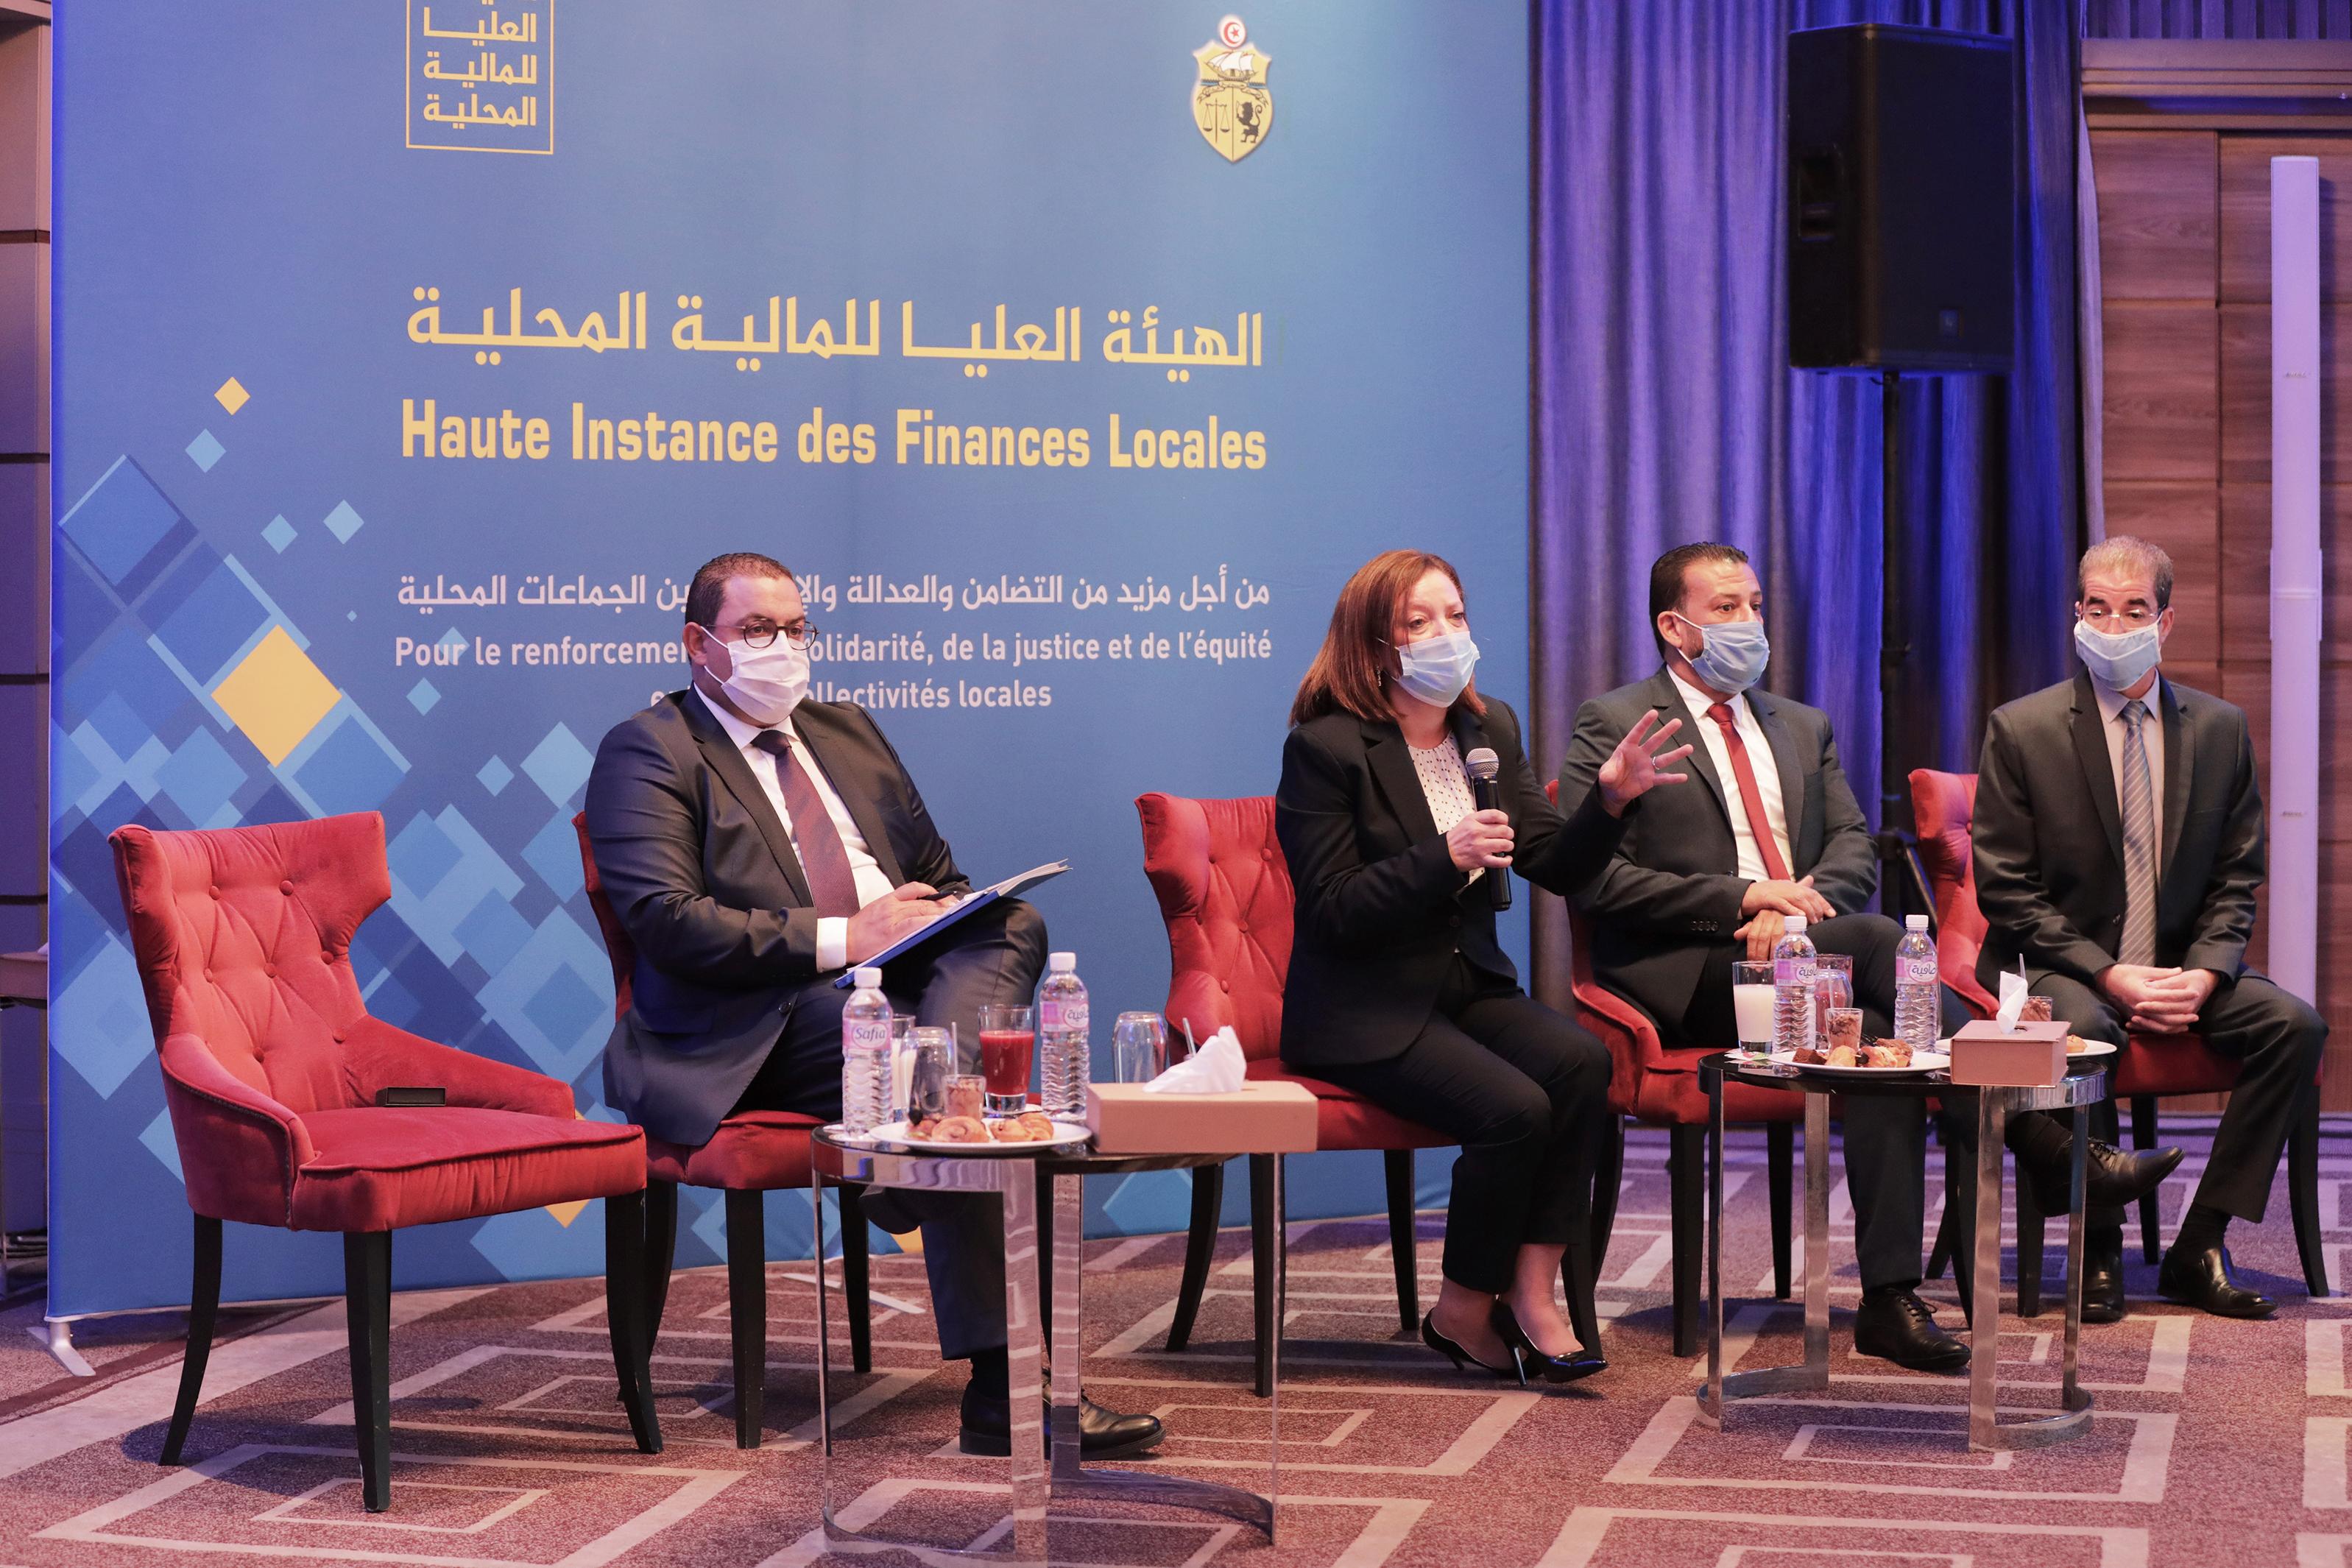 الهيئة العليا للمالية المحلية تقدم تقريرها السنوي الأول :